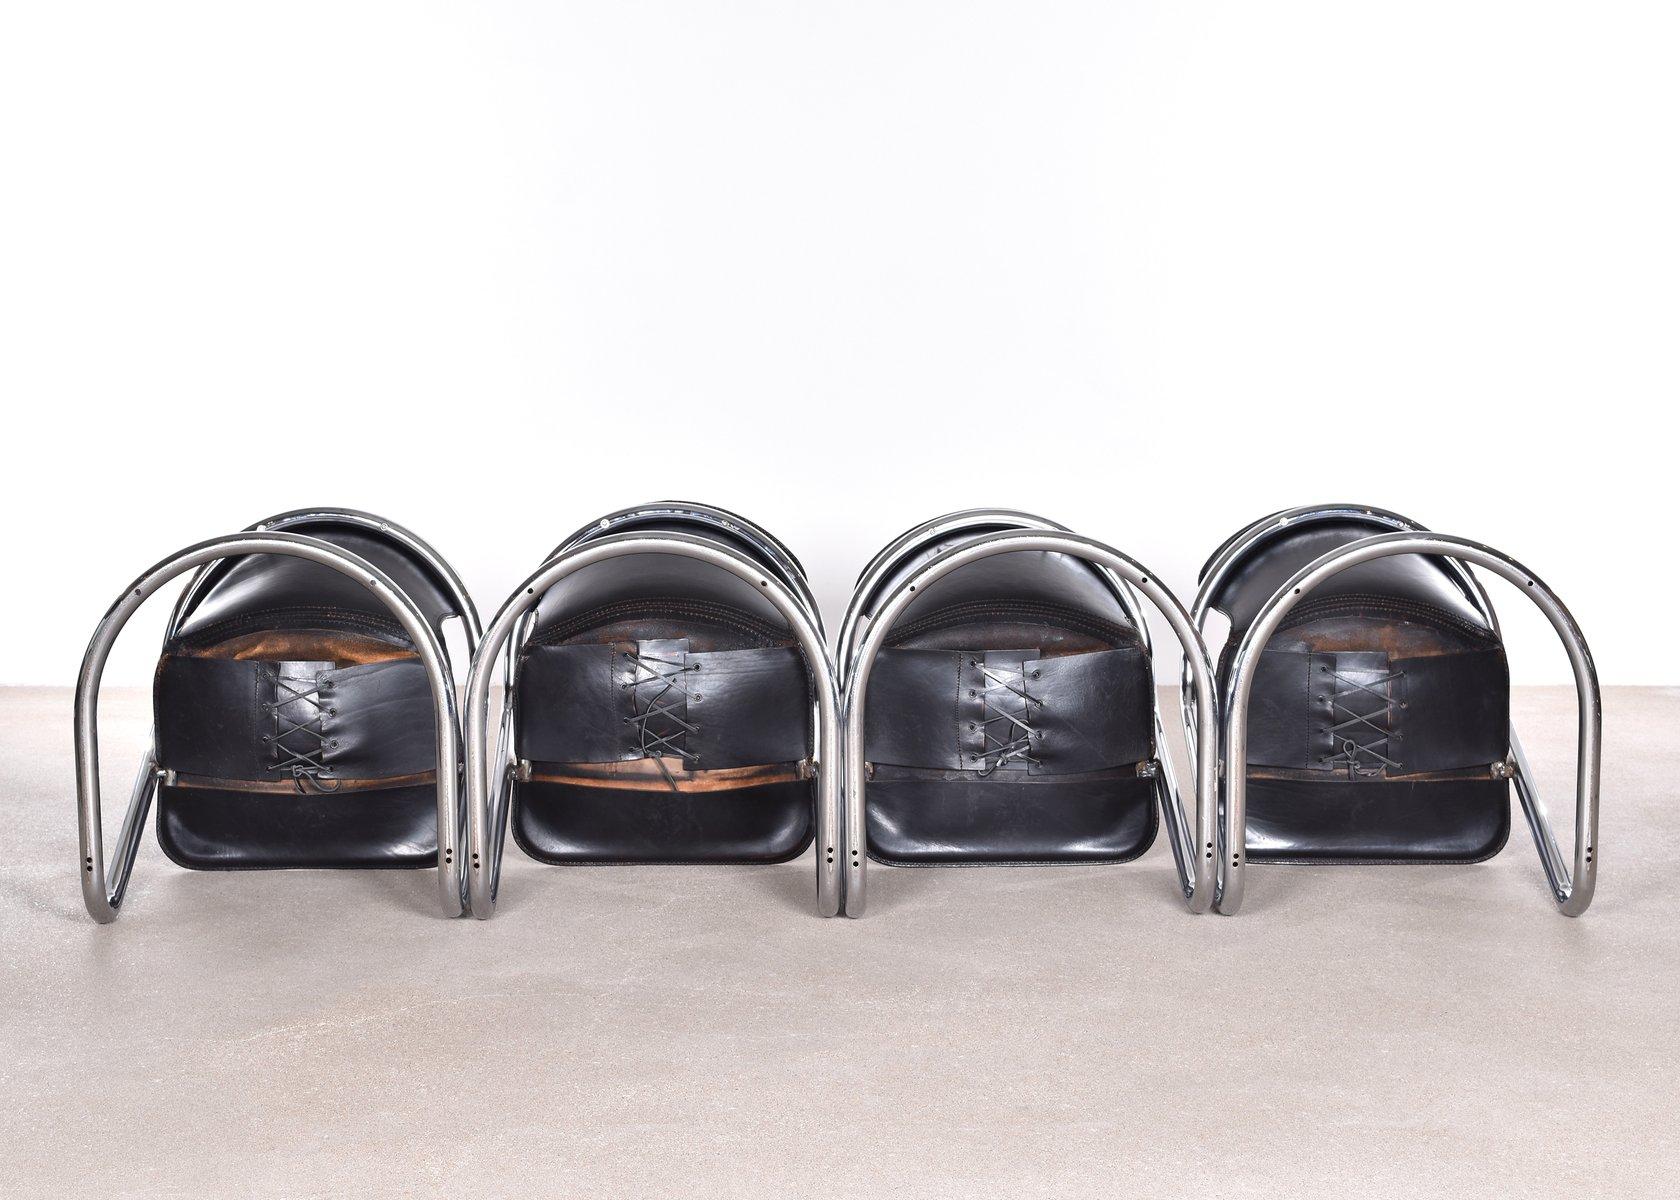 Italienische esszimmerst hle von willy rizzo f r cidue 1970er 4er set bei pamono kaufen - Italienische esszimmerstuhle ...